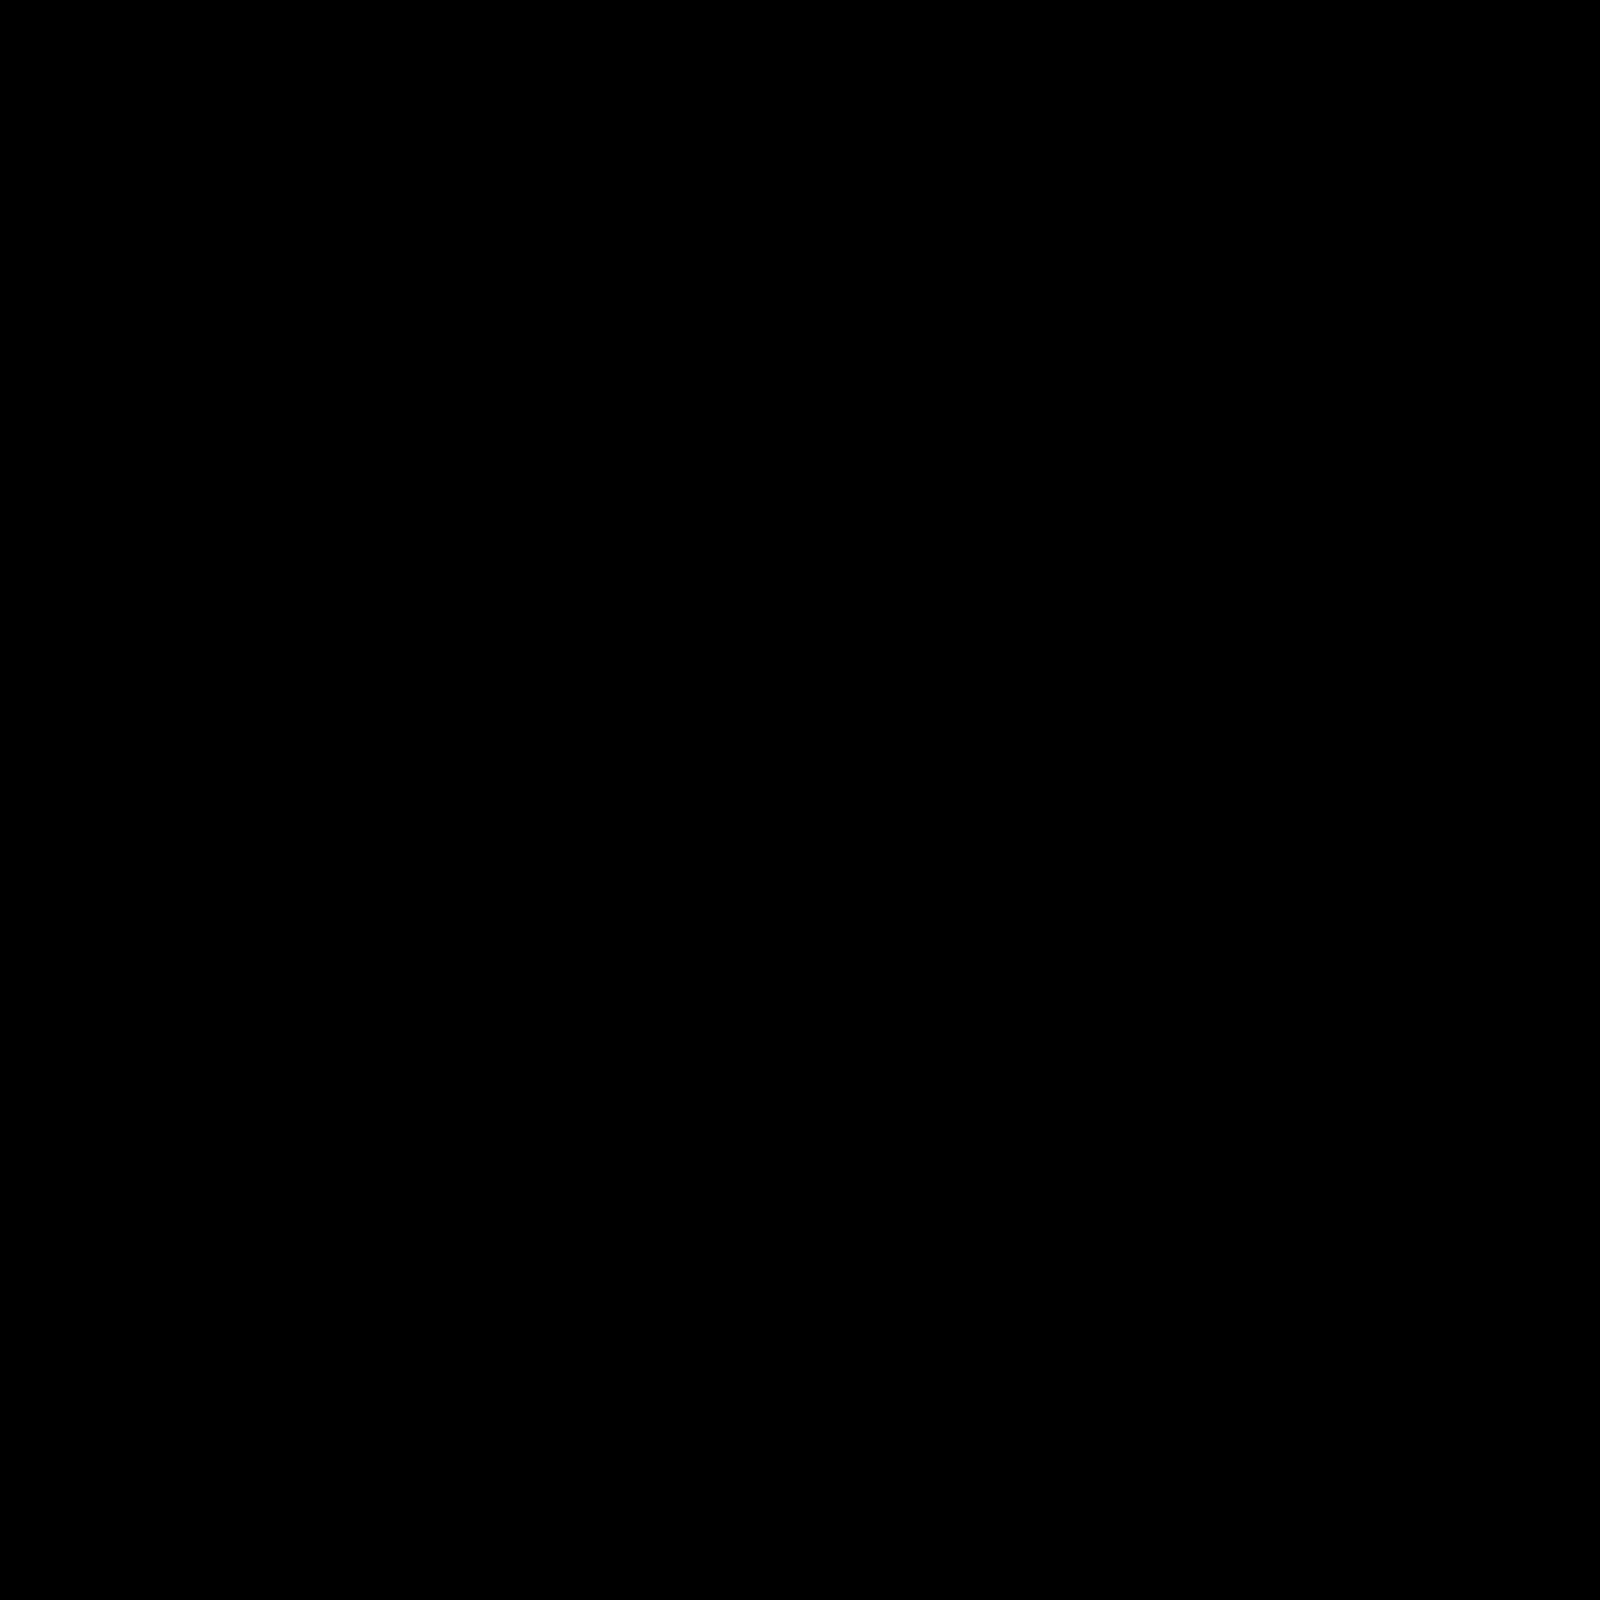 日历20 icon. This is the number twenty drawn inside of a square. The square has a line near the top, separating about 1/4 of the square. The top of the square has two little tabs.